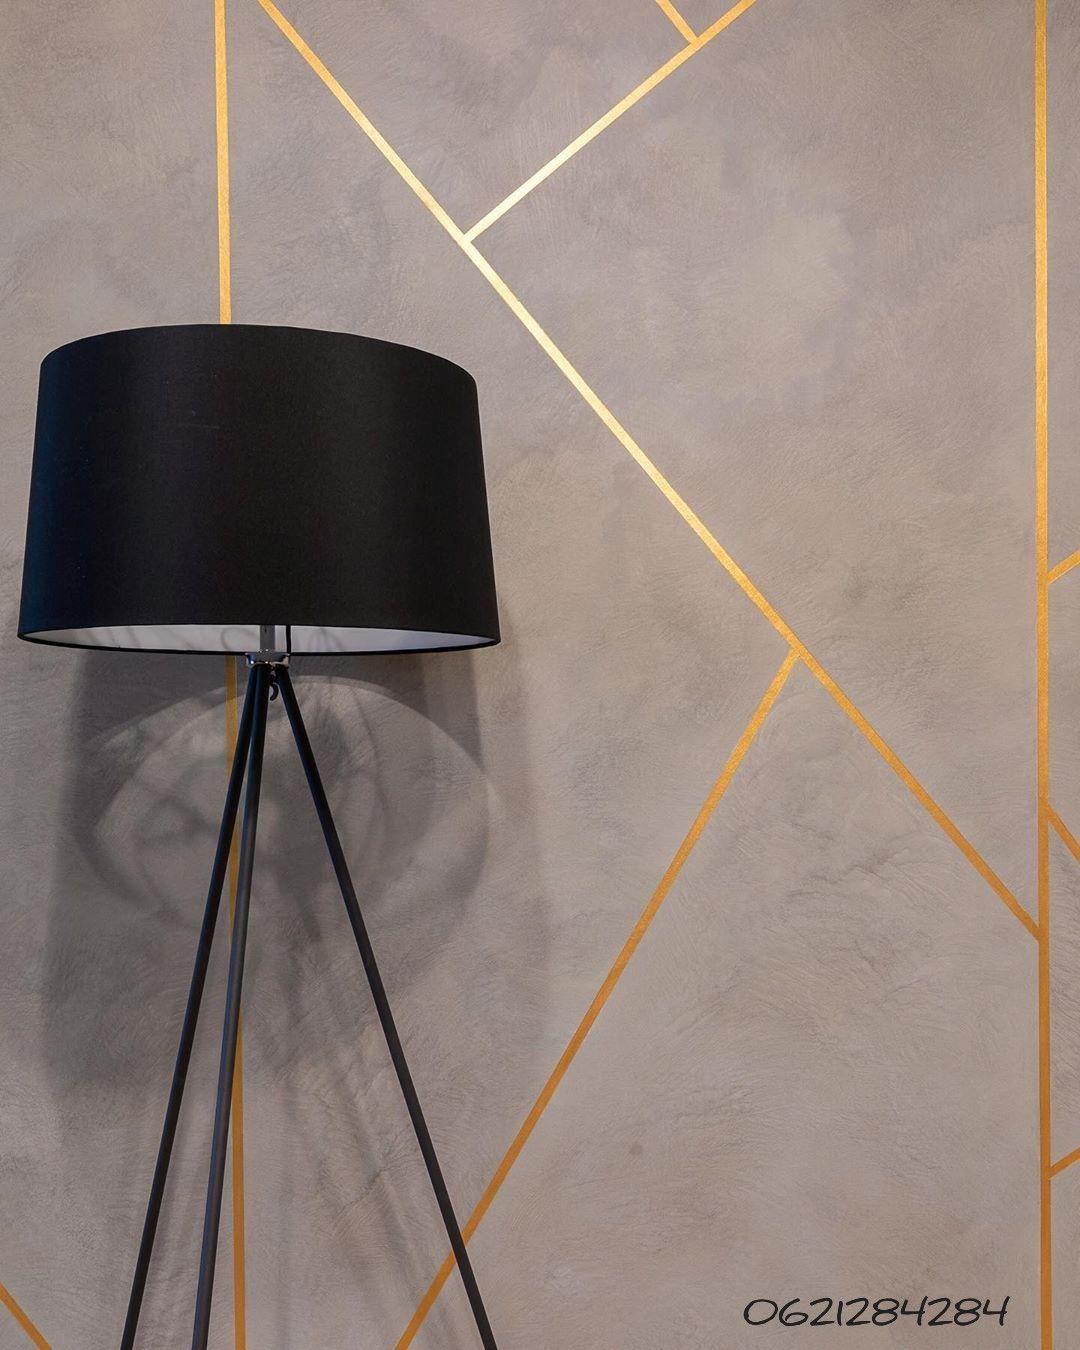 جديد الصباغة المغربية الجديد في الصباغة المغربية جديد صباغة الحائط في المغرب الوان الصباغة المغر In 2021 Beauty Room Decor Living Room Decor Colors Beauty Room